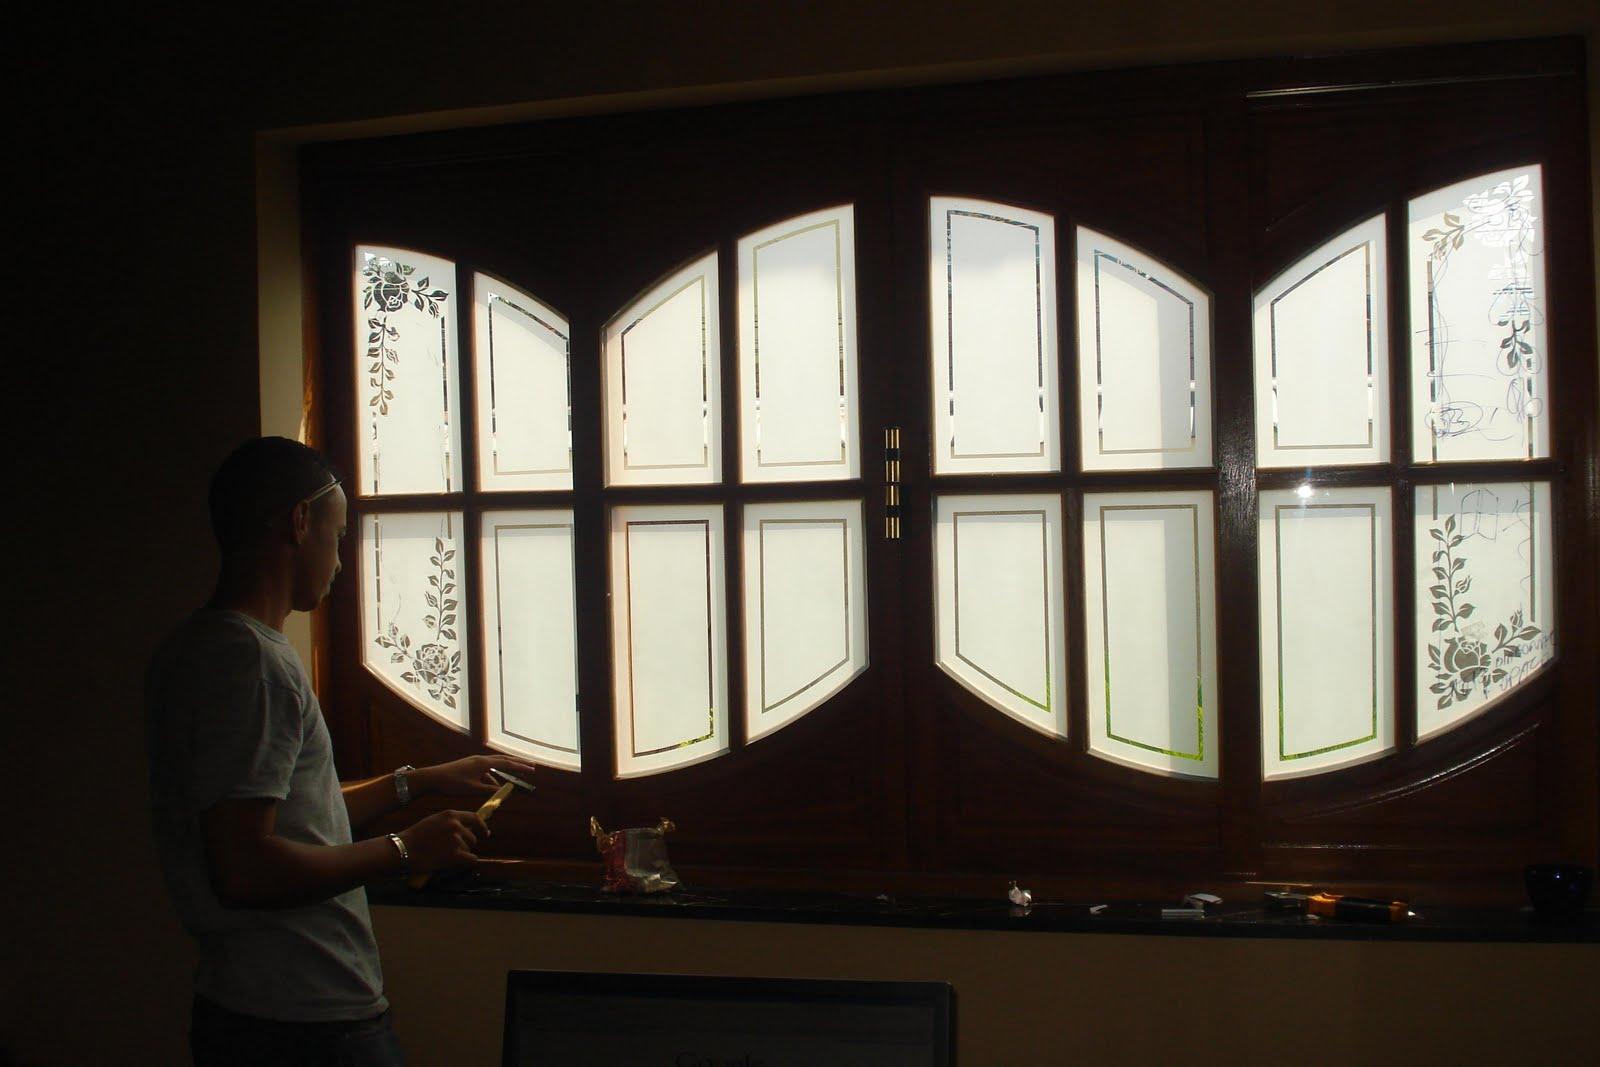 #18110C Janela de madeira colonial com vidros jateados com rosas 1736 Janela De Aluminio Nova Iguaçu